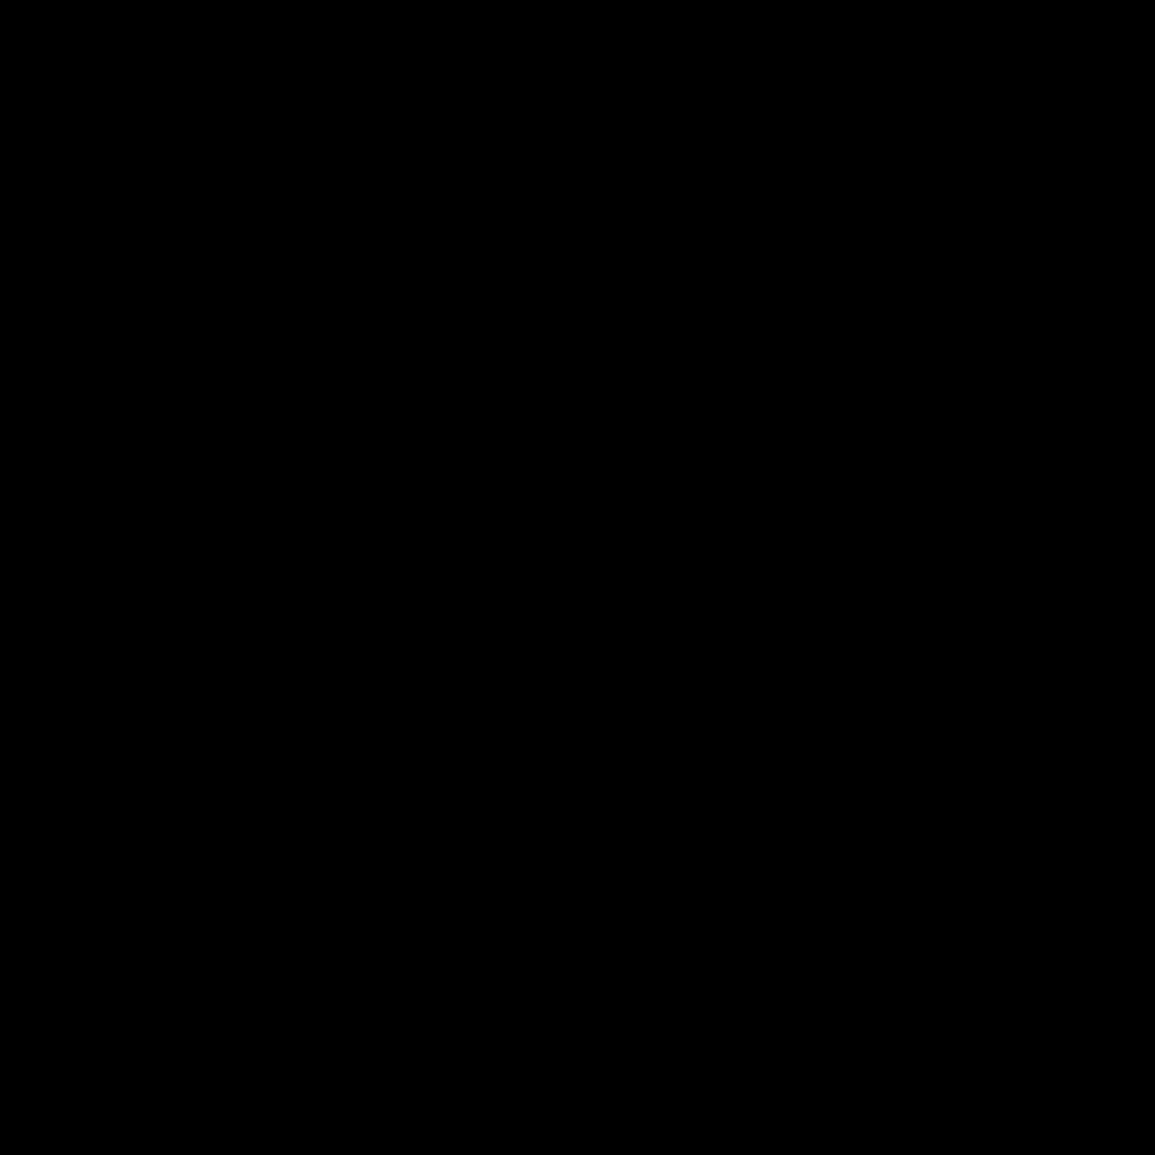 スーシャ H HSM 字形見本